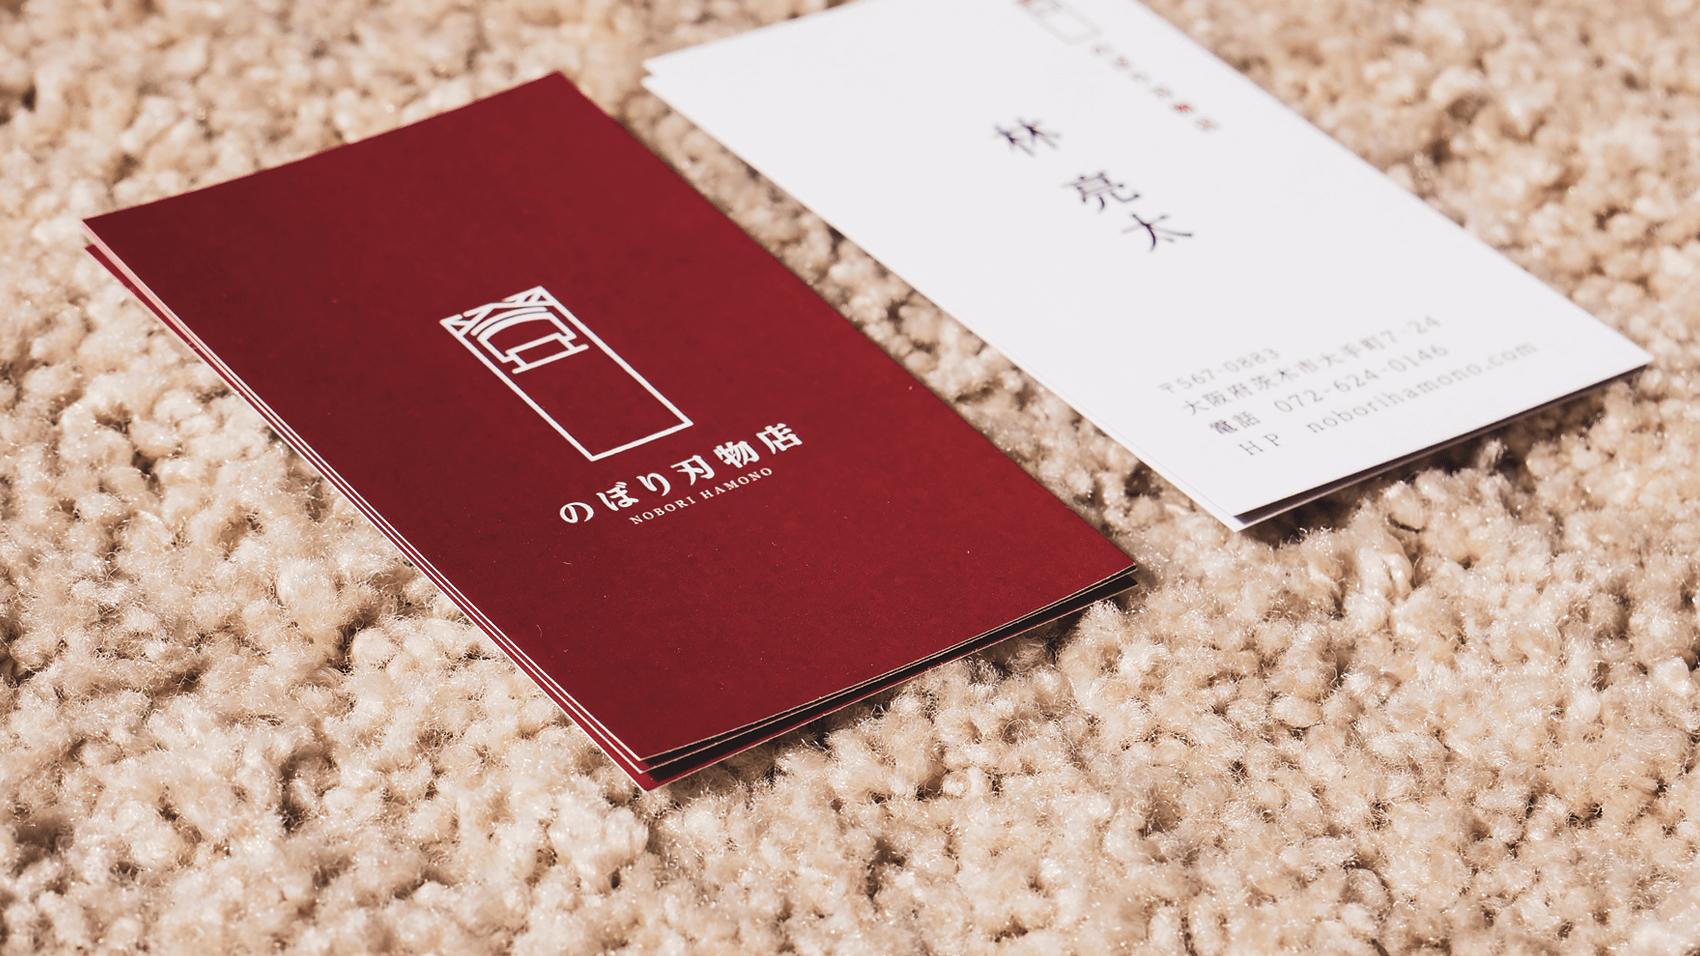 のぼり刃物店さんのシンプル名刺デザイン